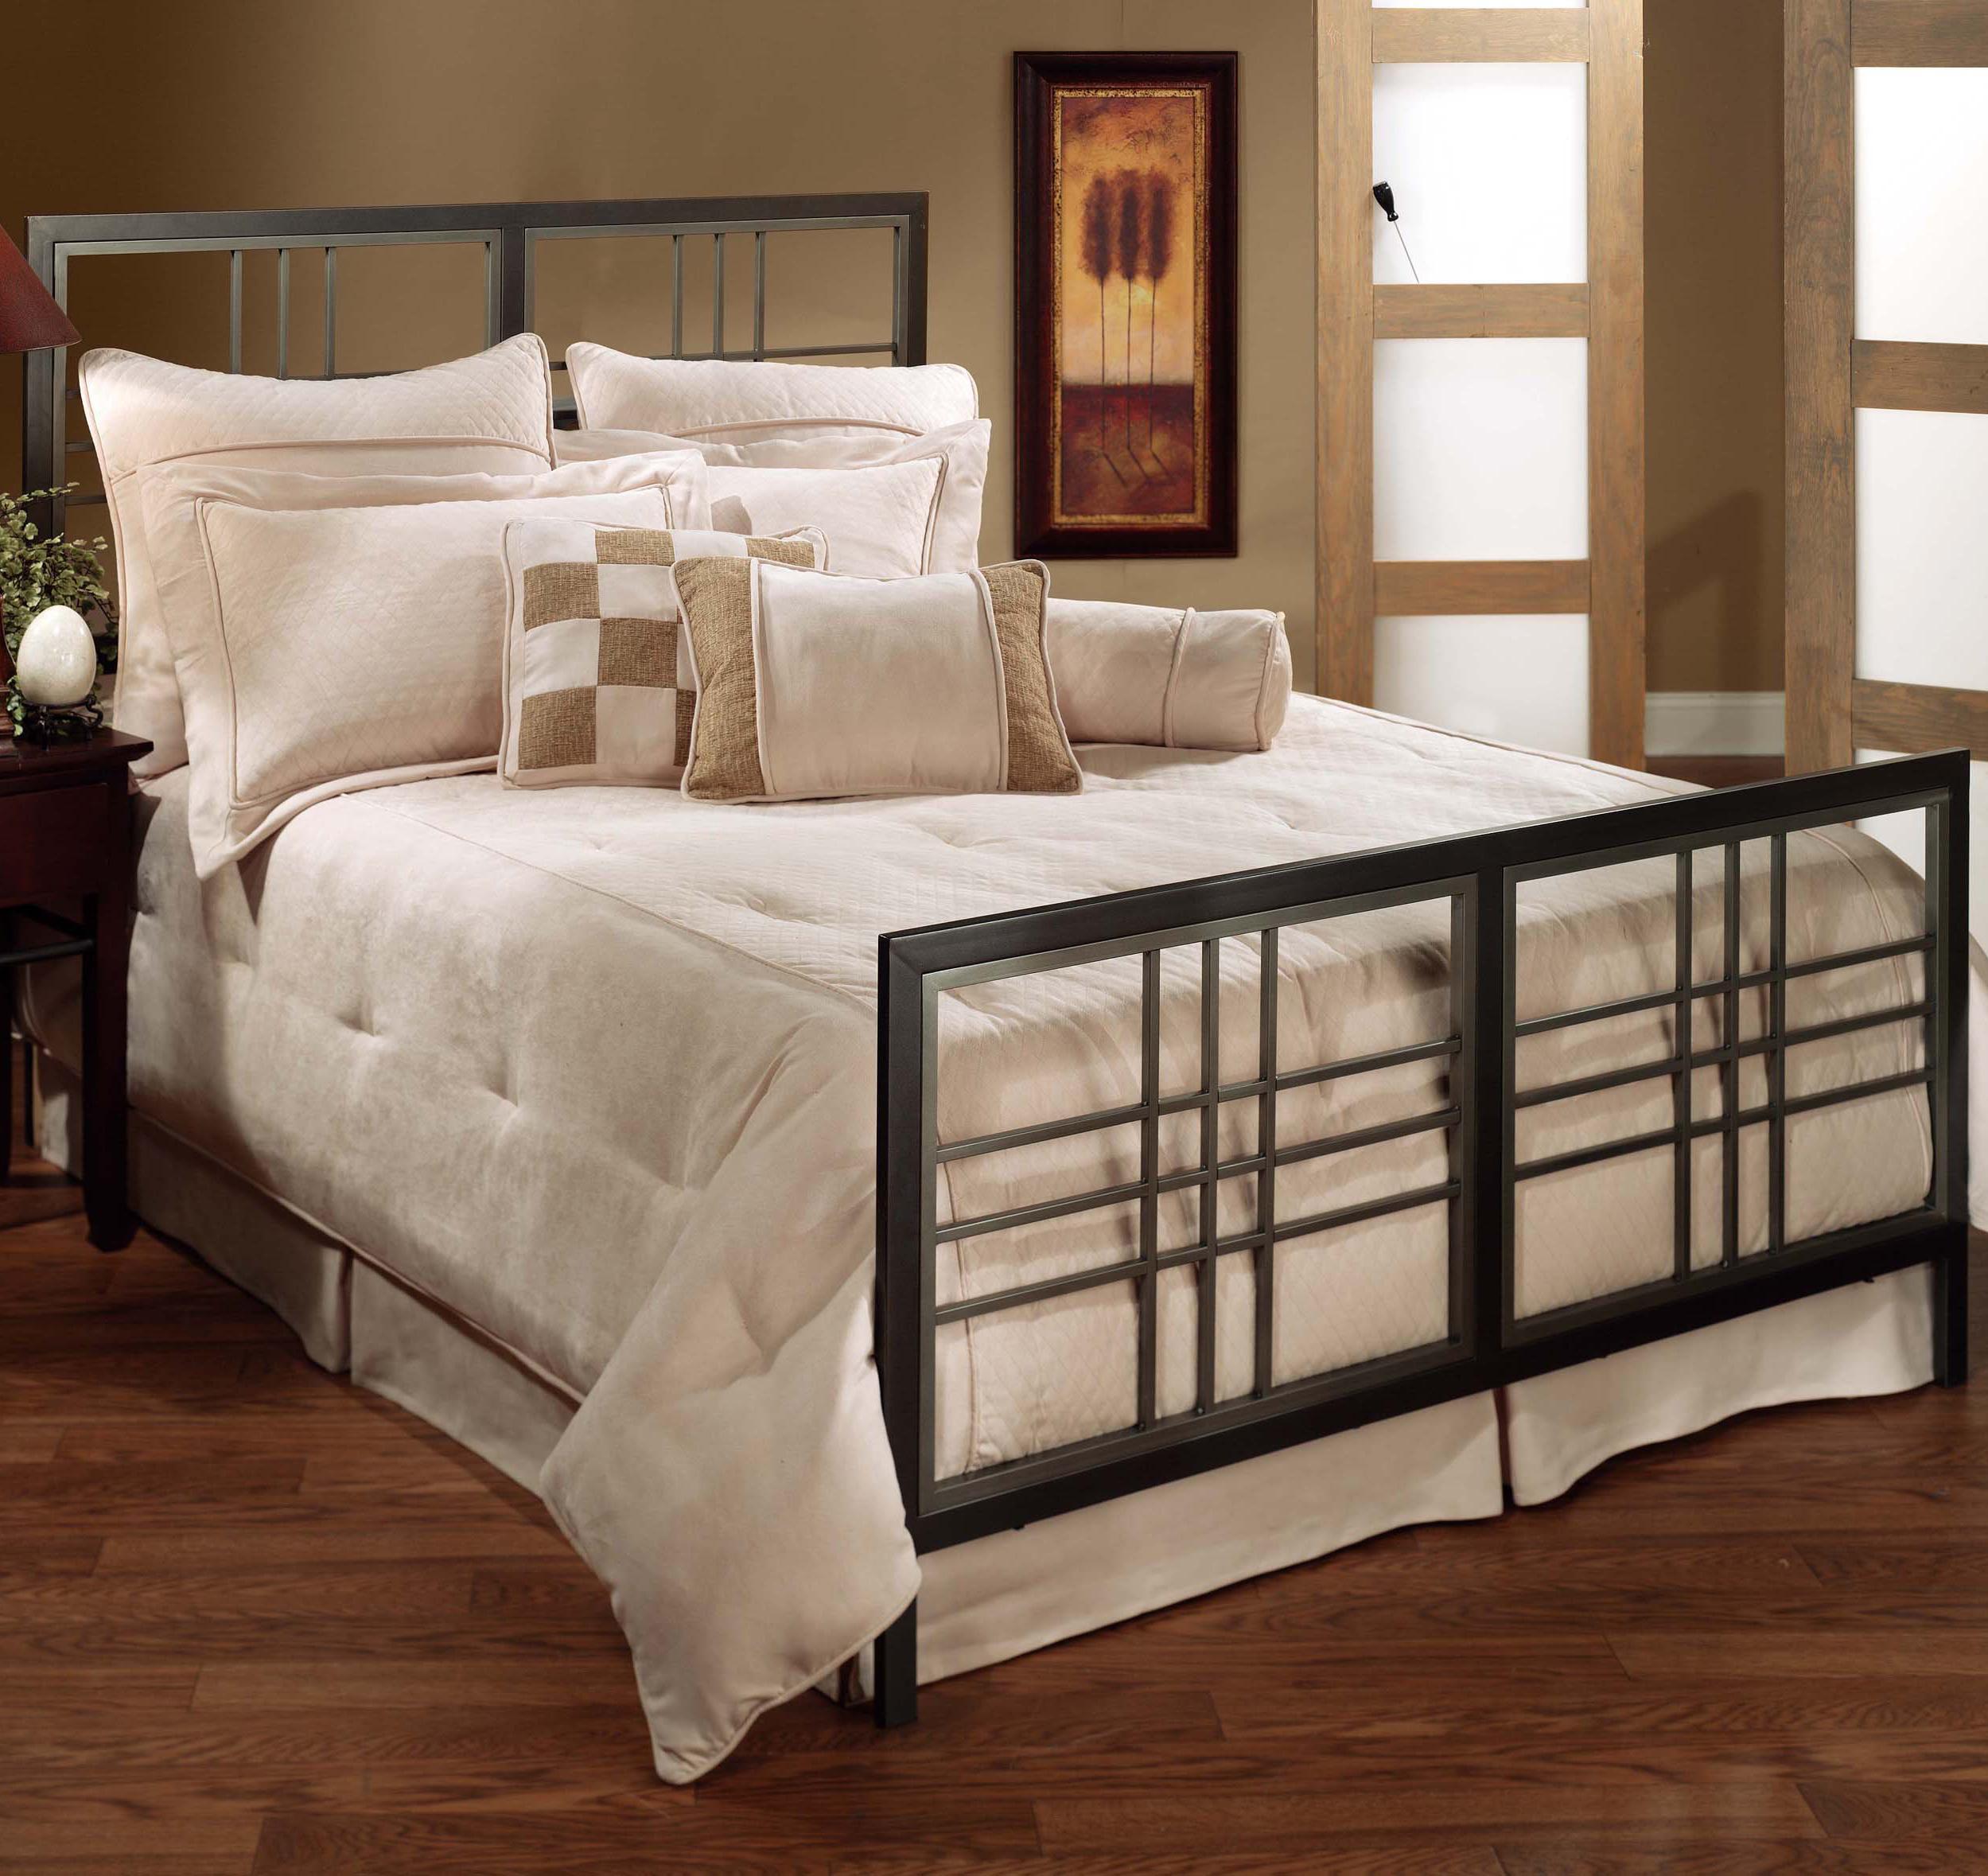 Queen Tiburon Bed